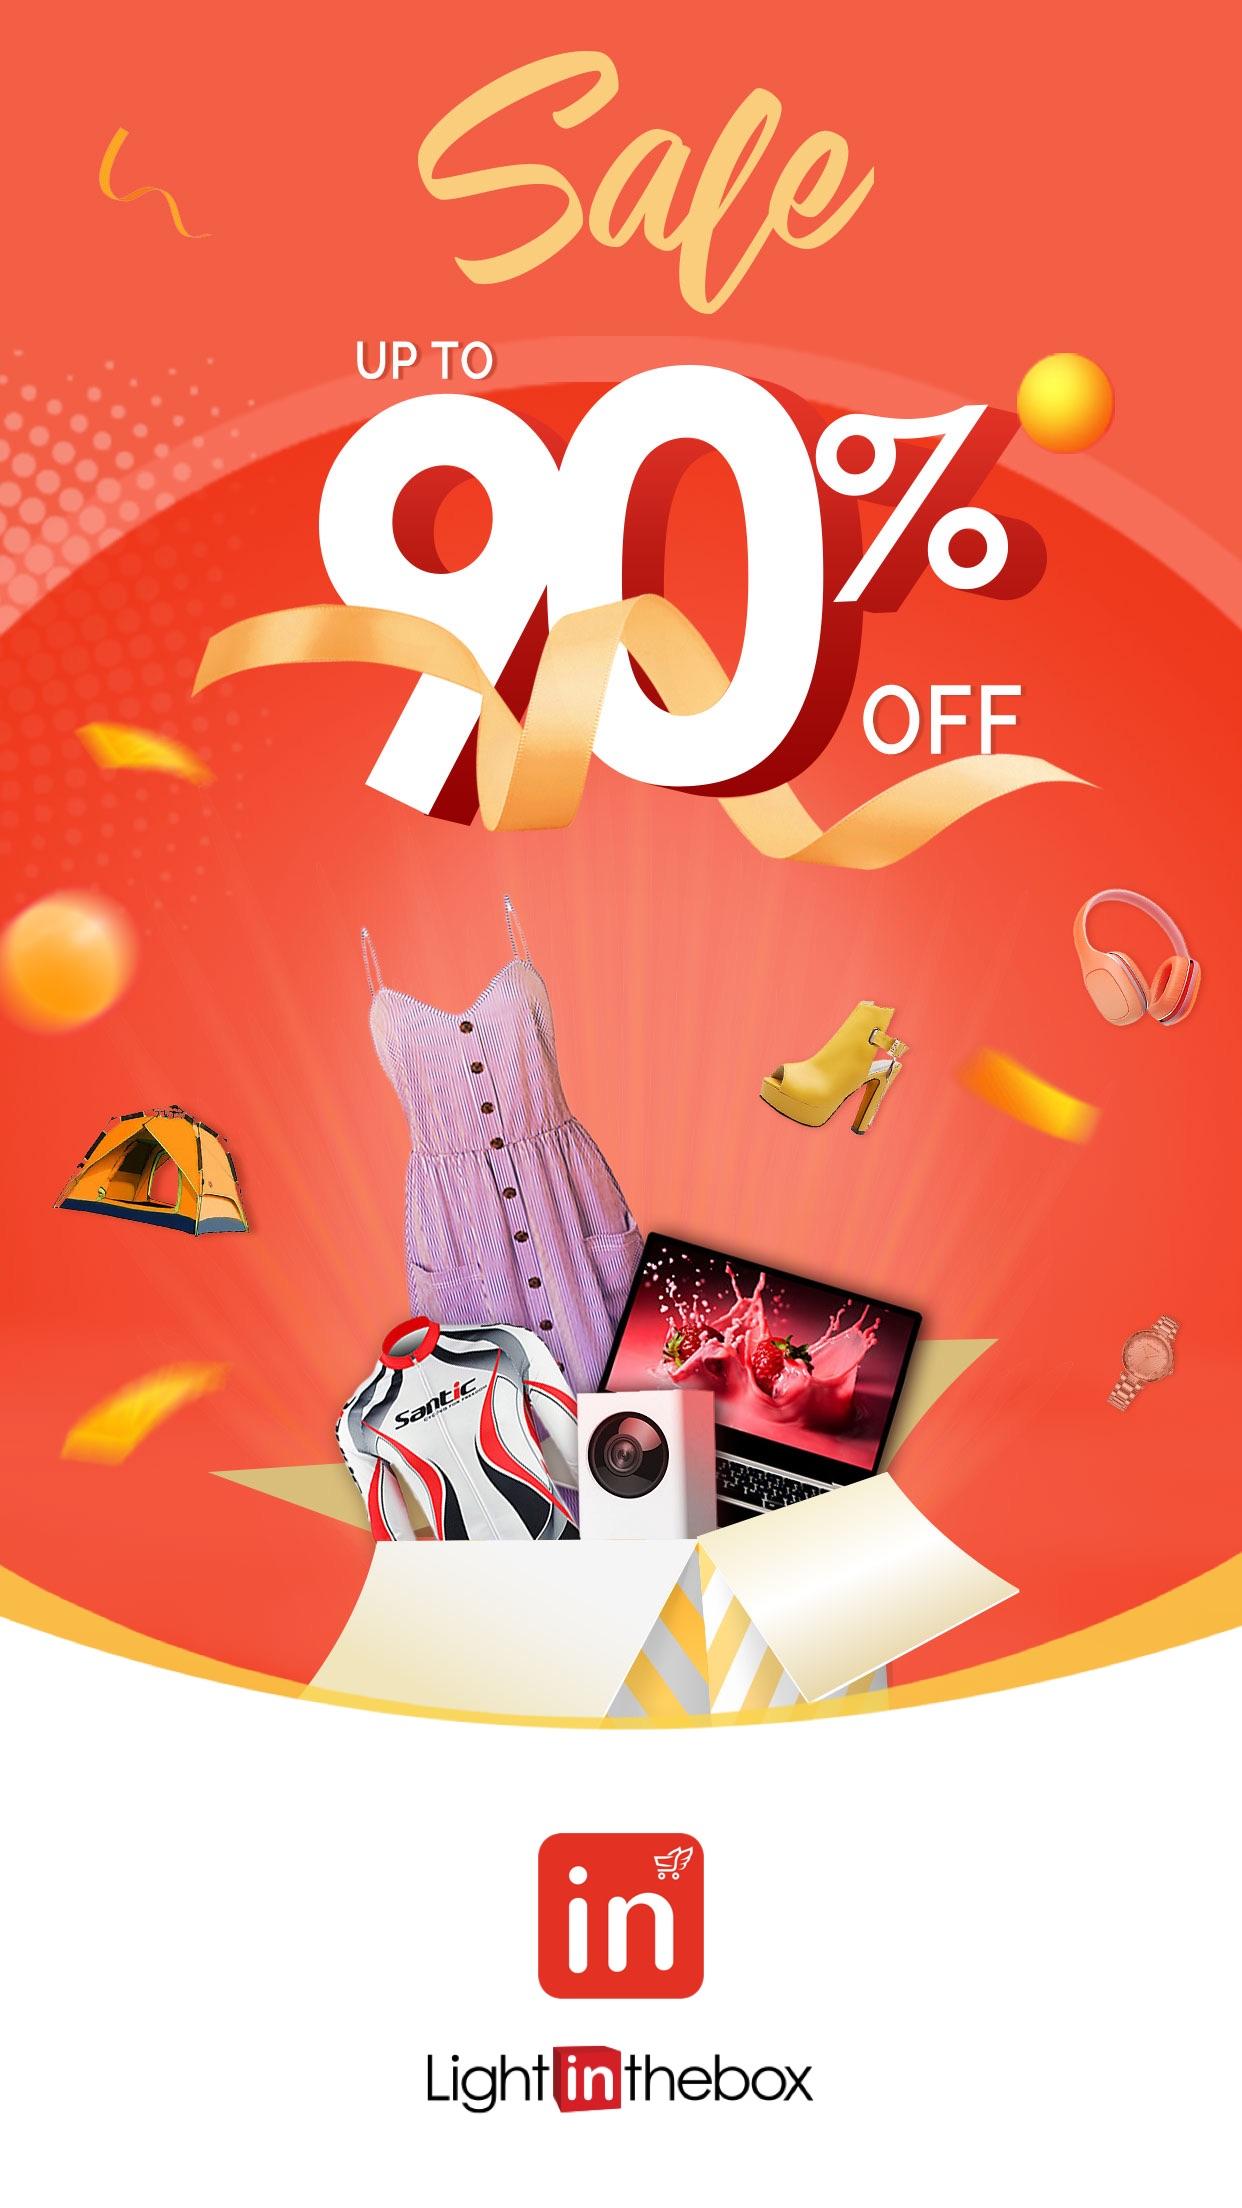 LightInTheBox Online Shopping Screenshot